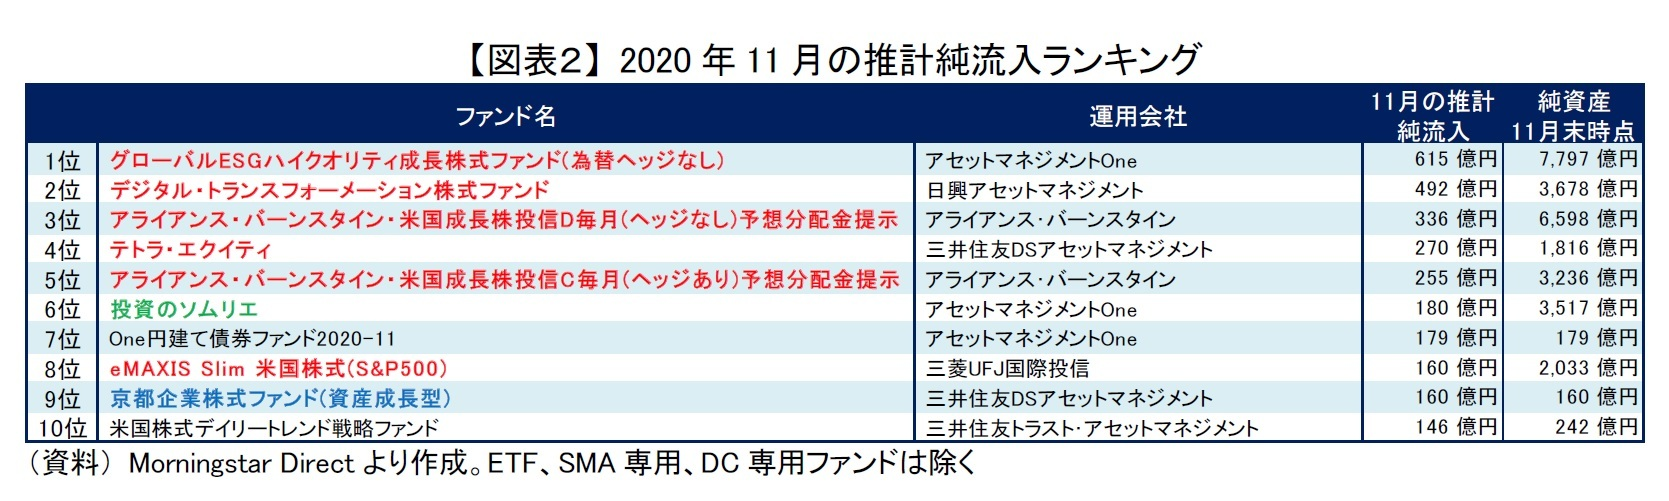 【図表2】 2020年11月の推計純流入ランキング